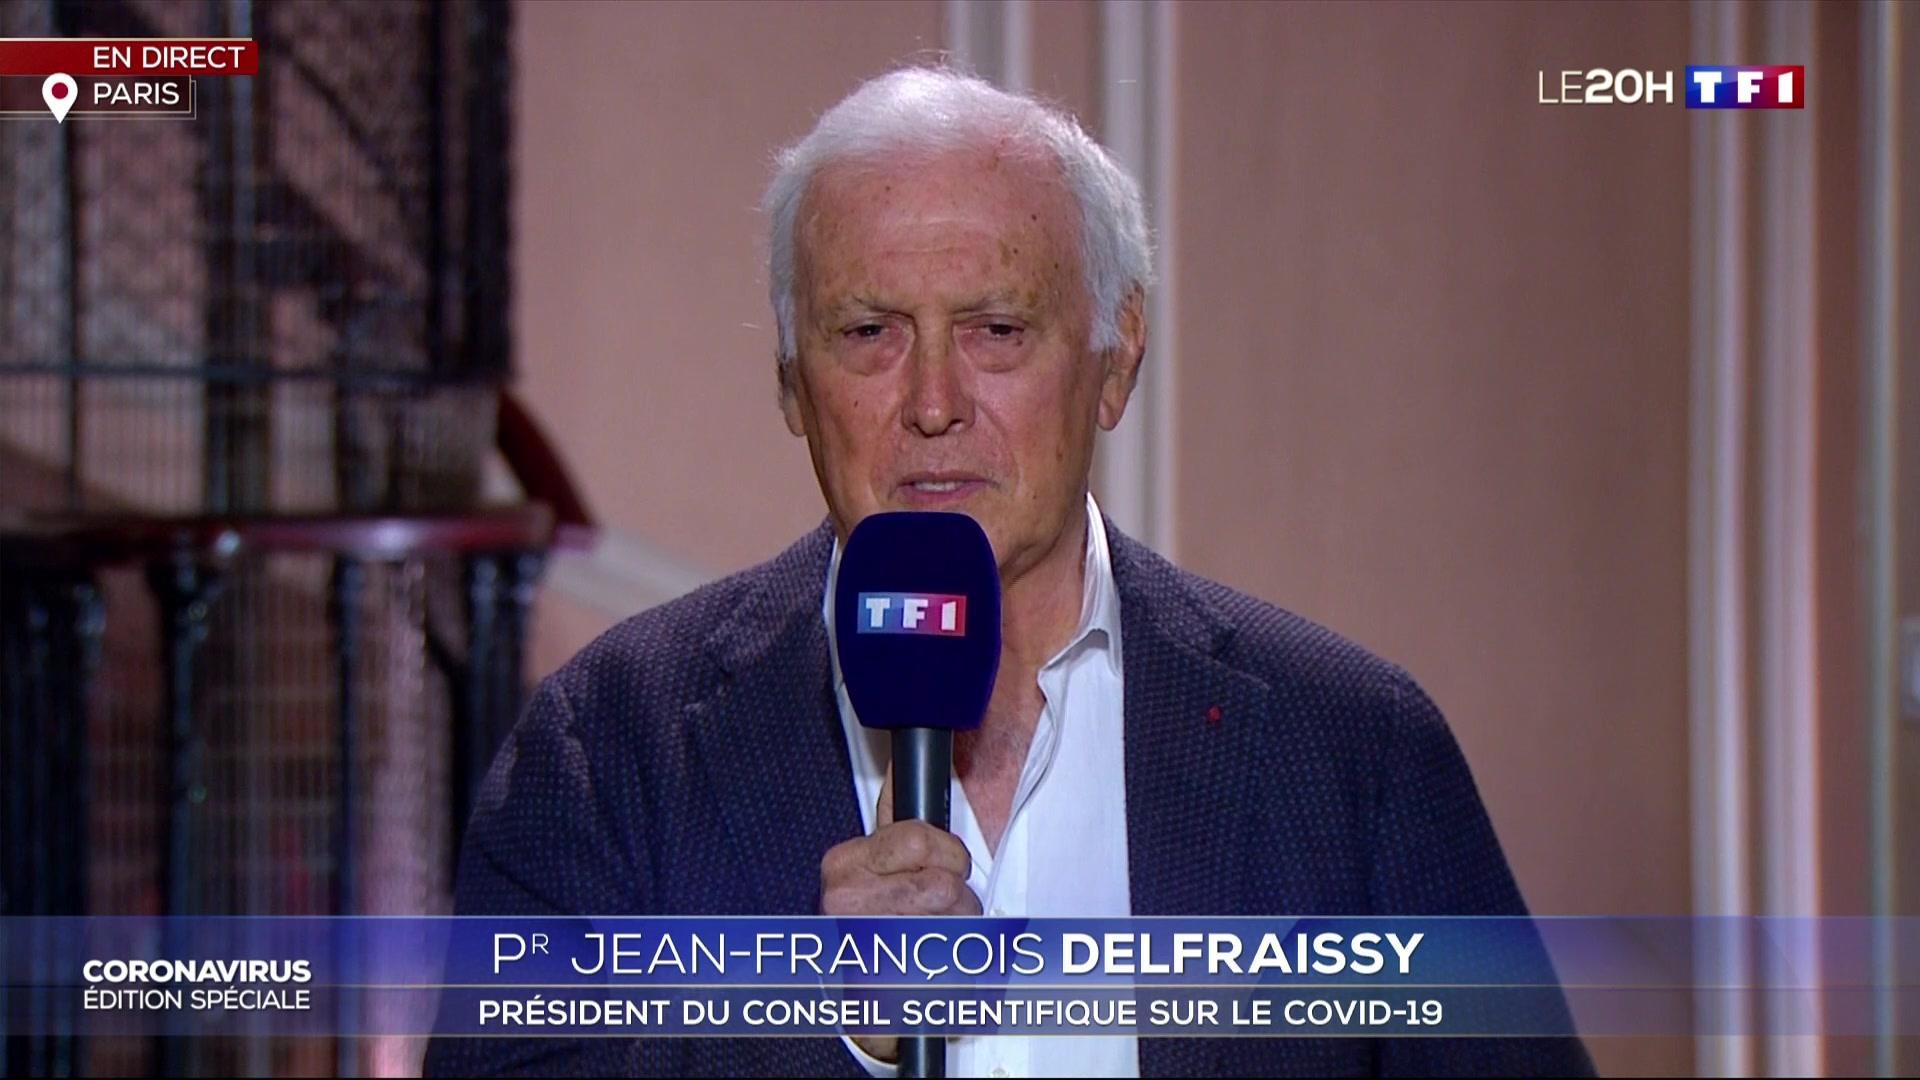 200419 - Pr Jean-François Delfraissy président du Conseil scientifique Covid19 by TF1 - La Dévaition